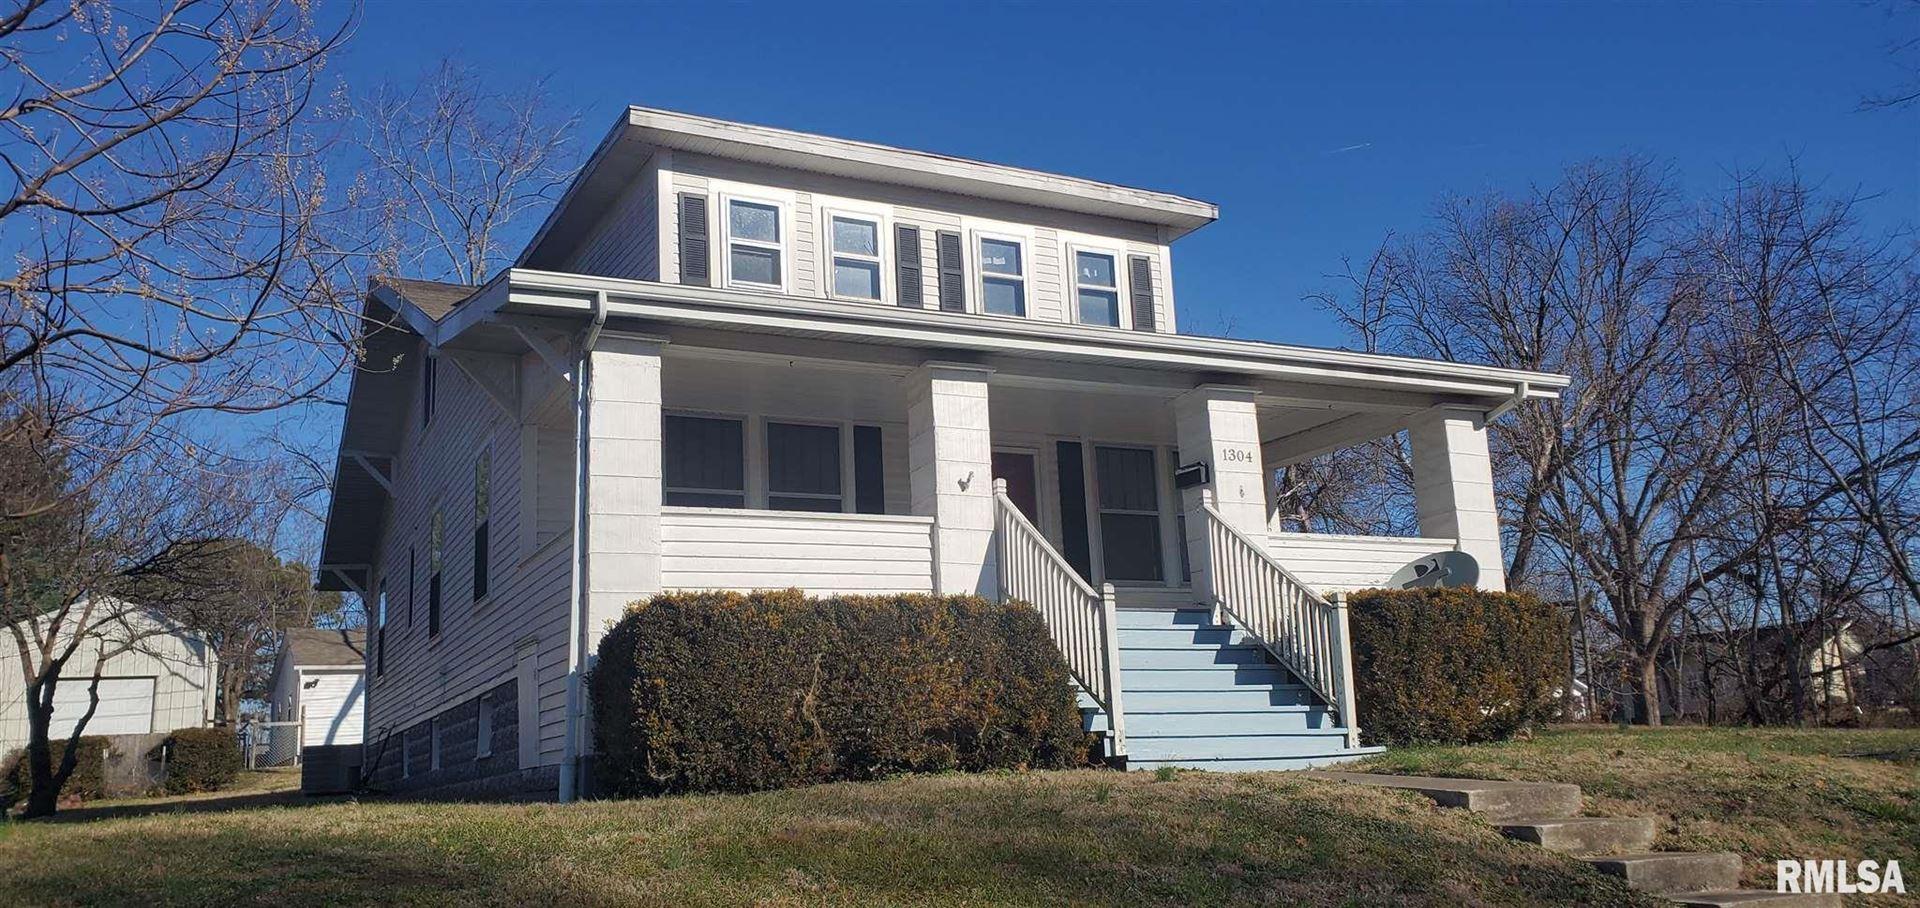 1304 Gartside, Murphysboro, IL 62966 - MLS#: EB437827